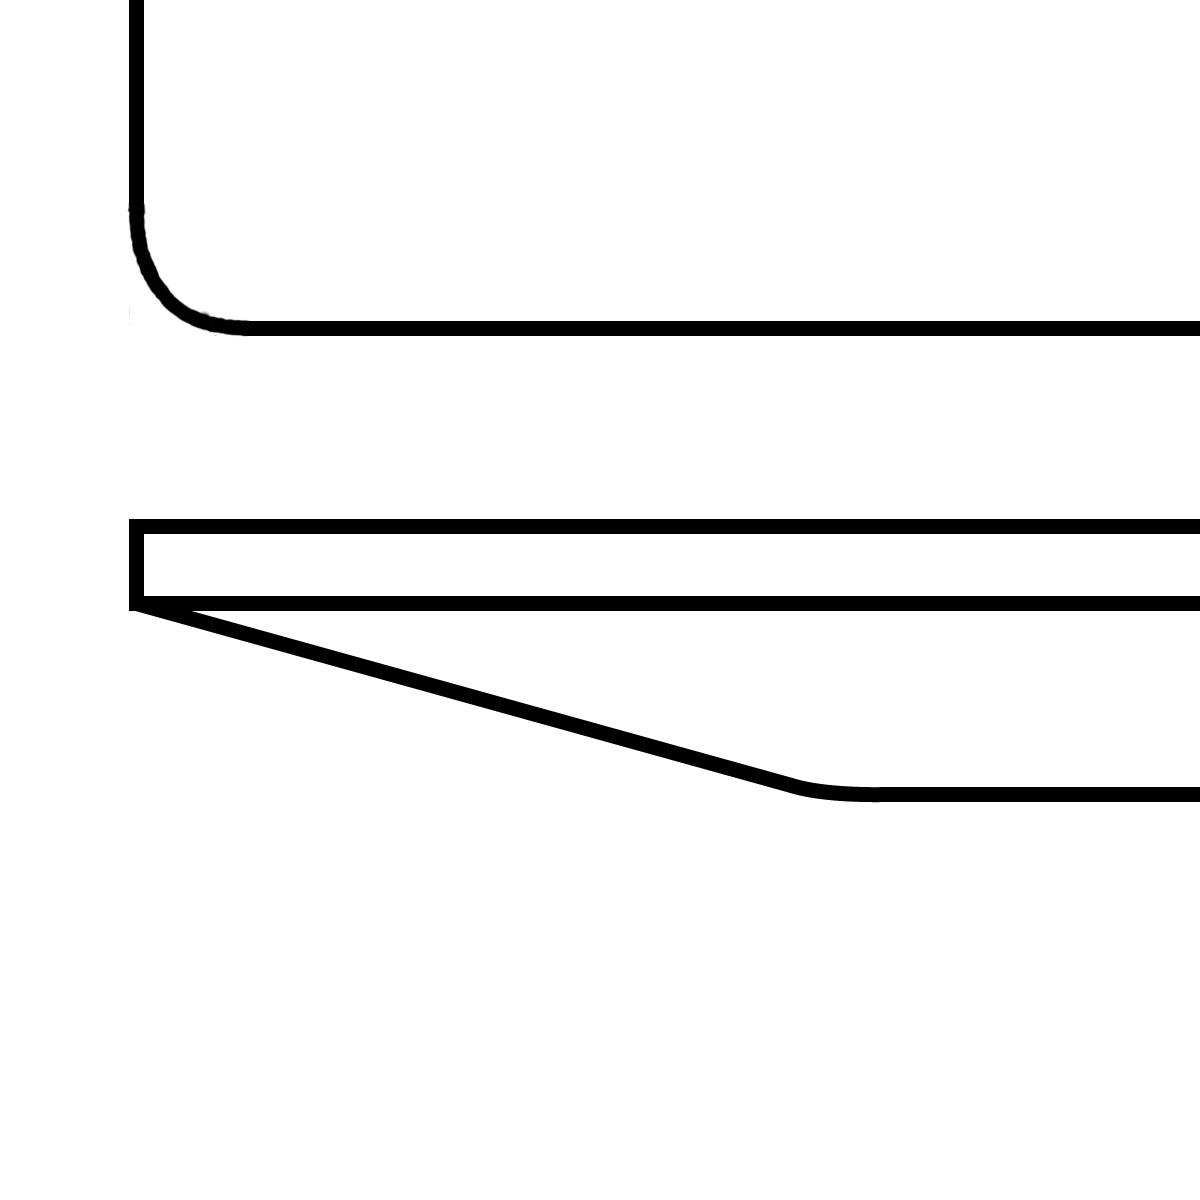 Tischplatte mit schweizer Kante gerundet